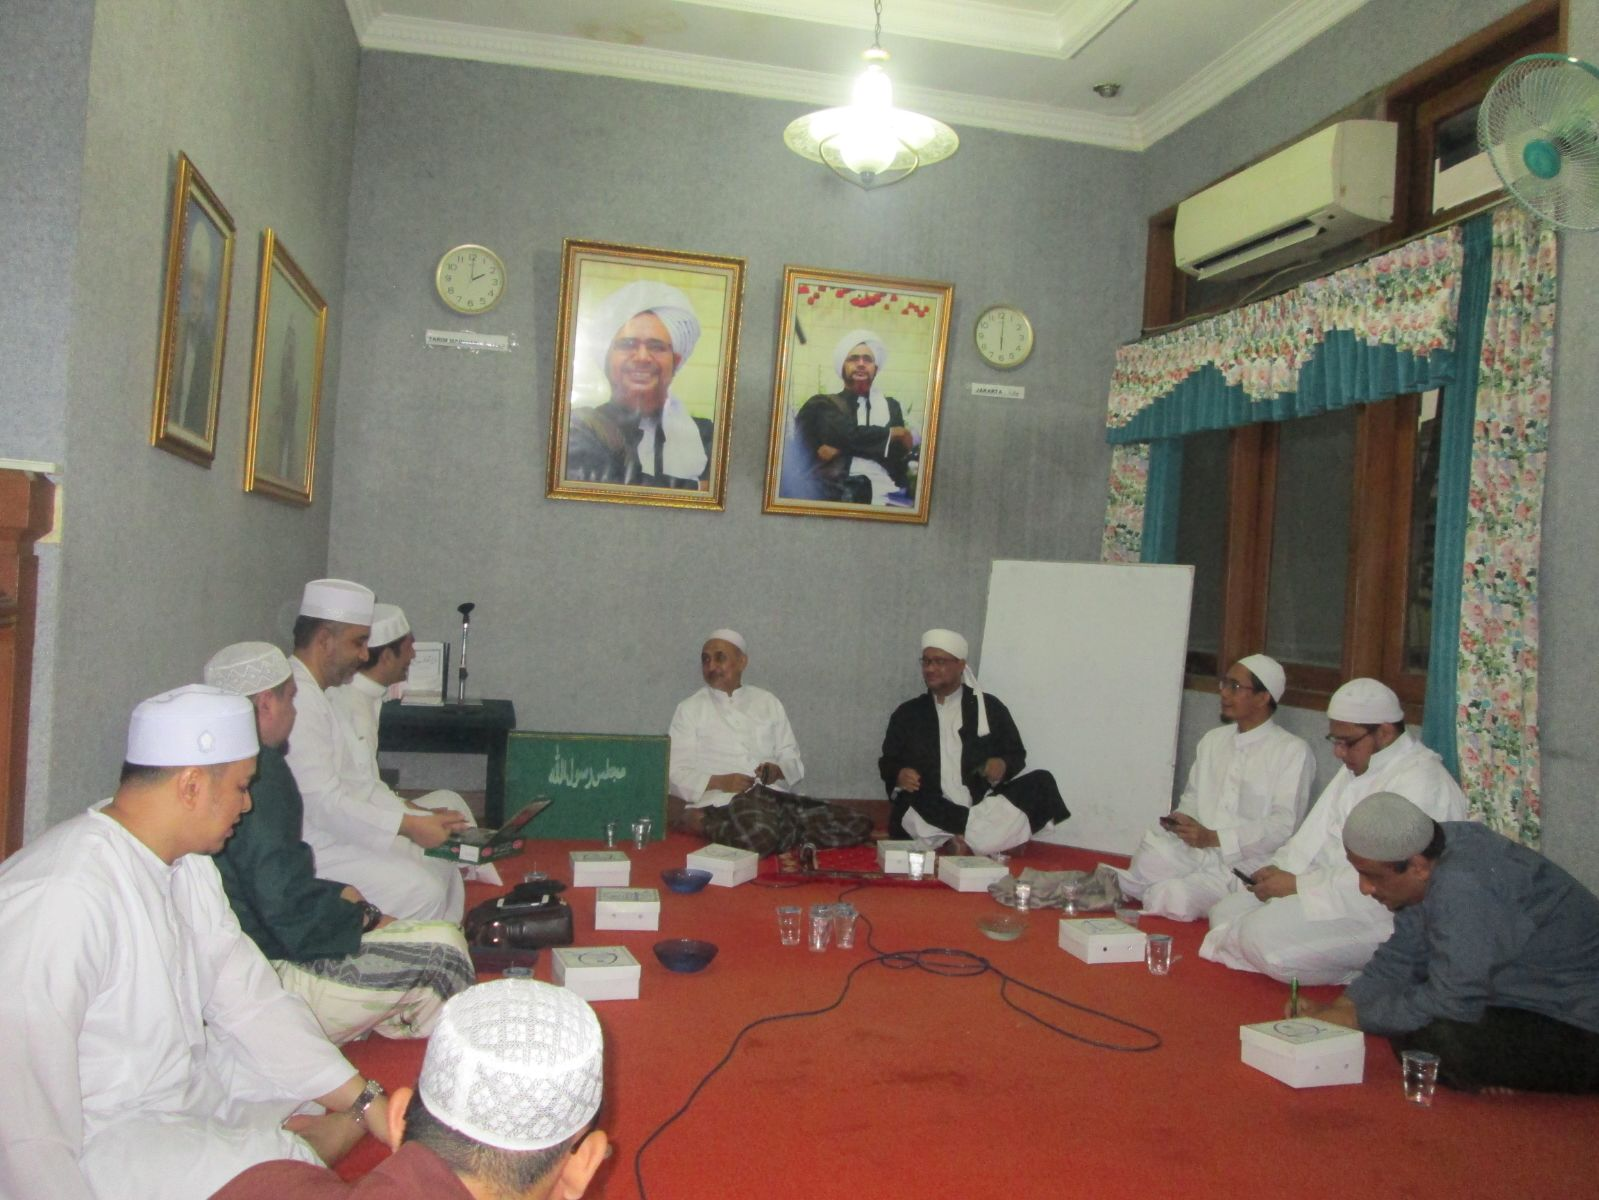 Pengumuman Majelis Syuro Majelis Rasulullah SAW